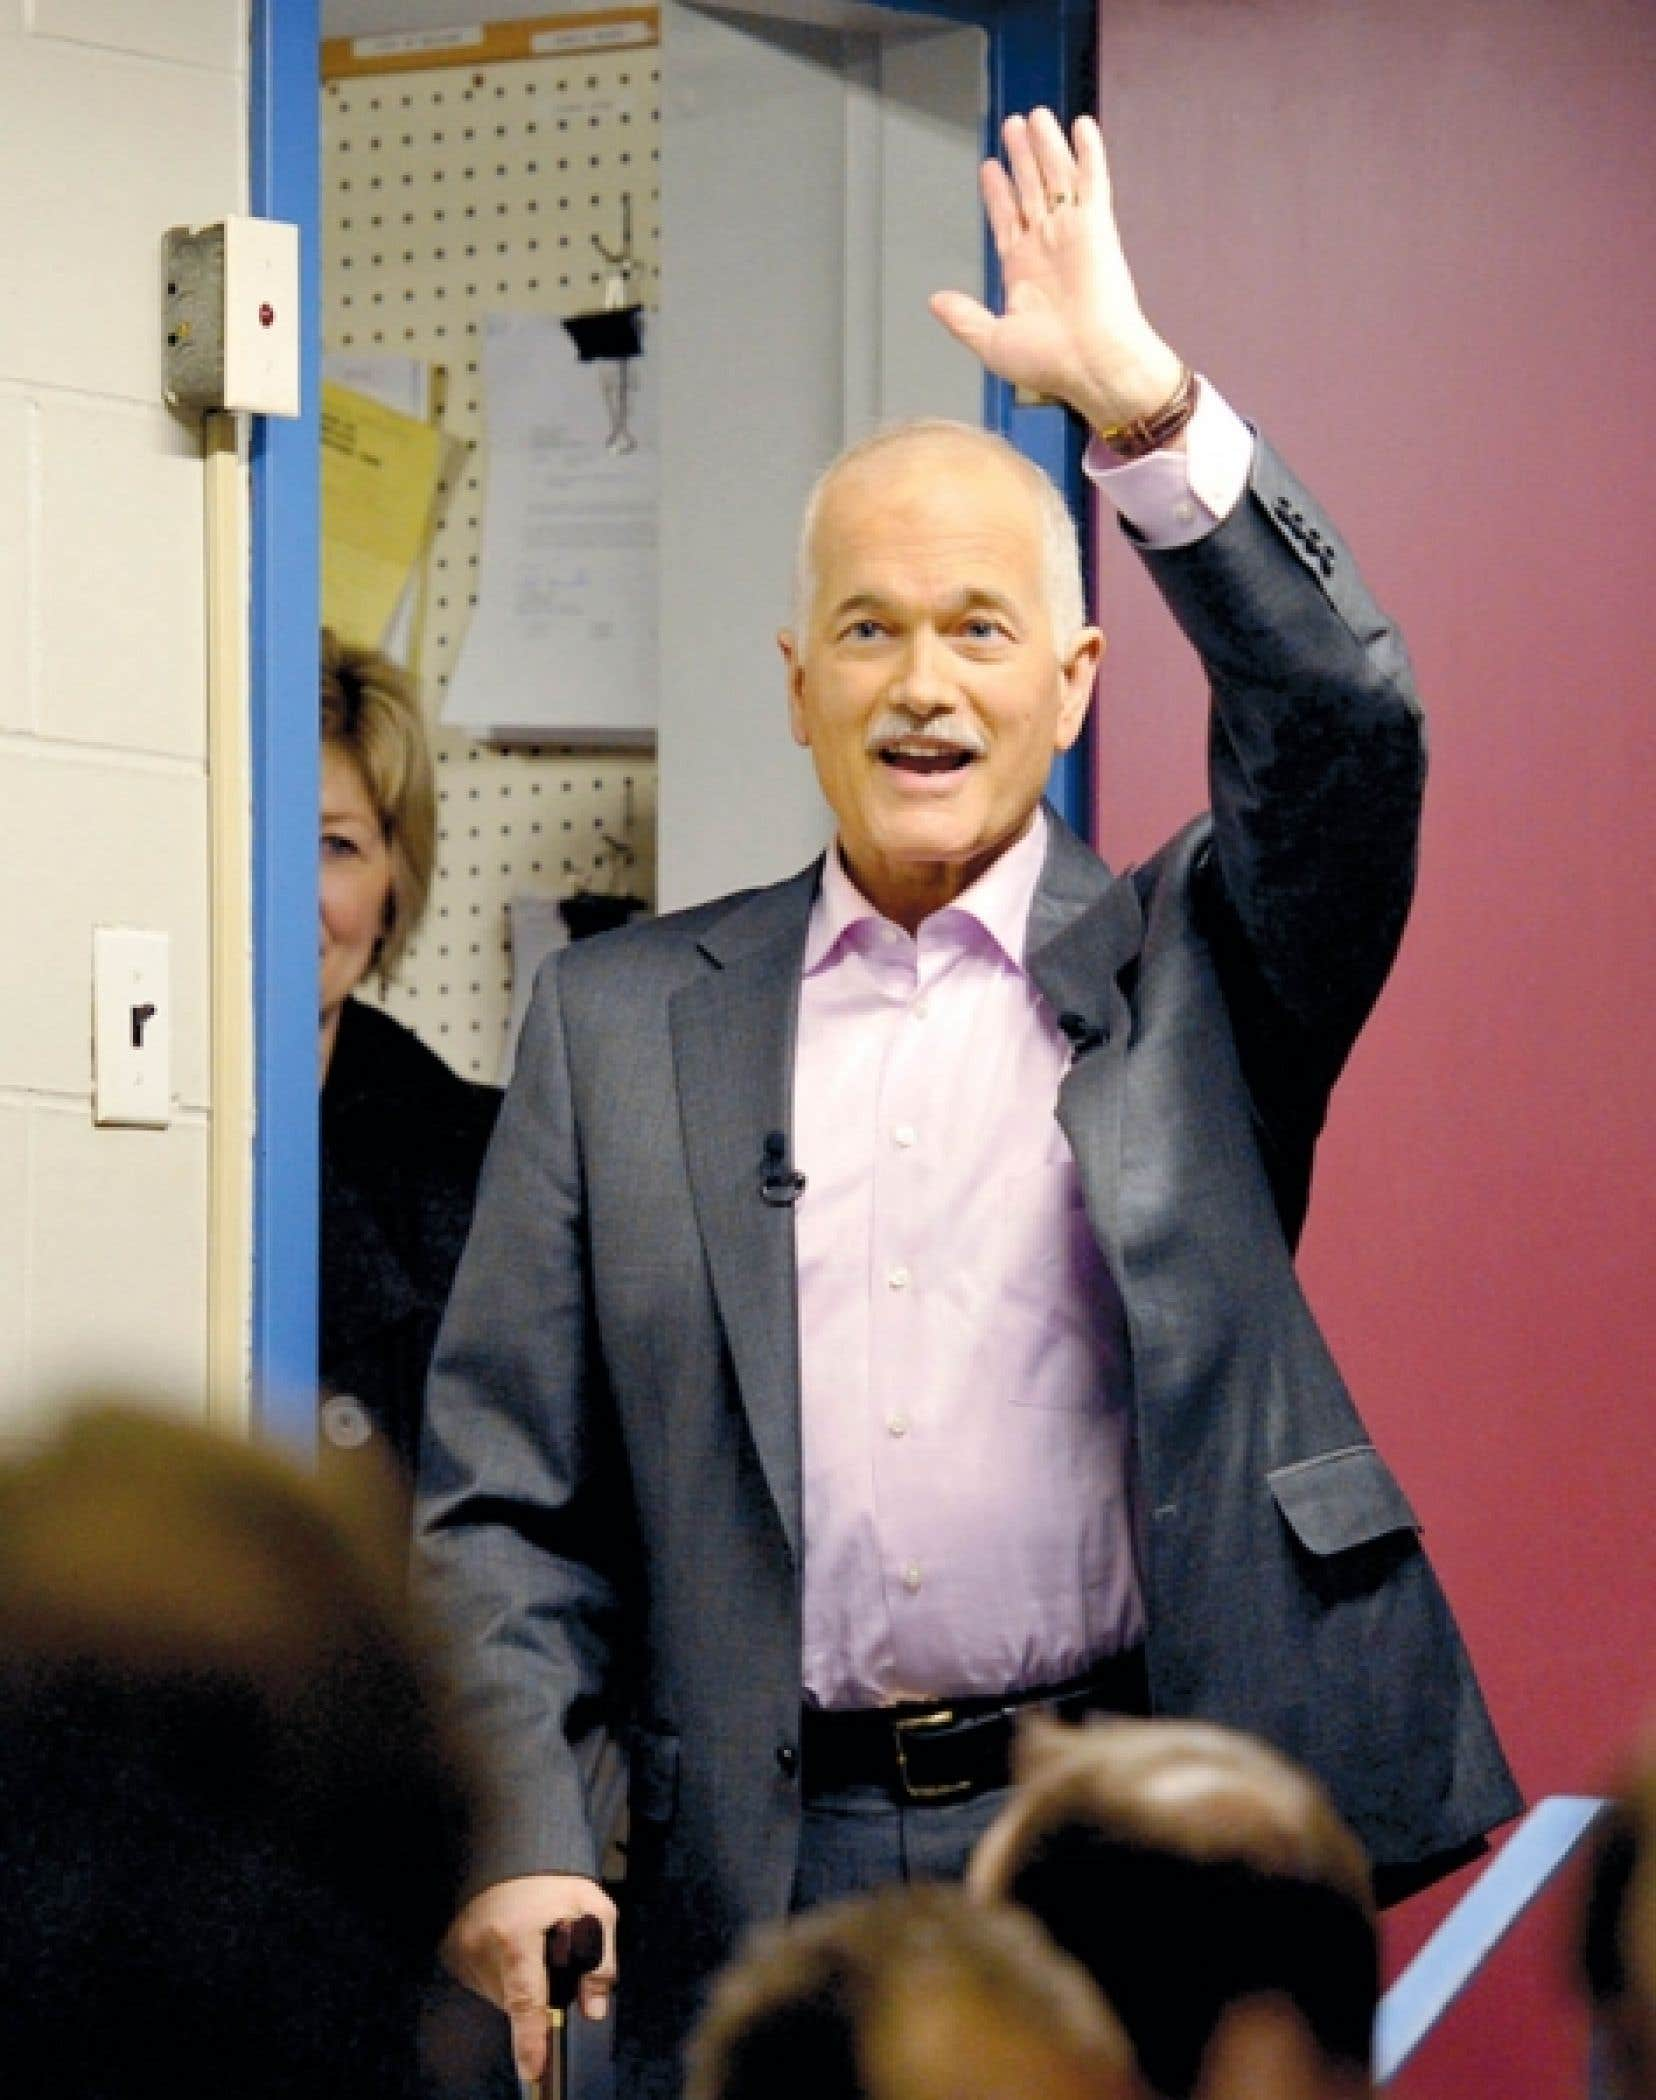 Outre ces deux circonscriptions, la montée du NPD risque donc davantage de gruger les appuis du Bloc québécois pour faire passer libéraux et conservateurs. <br />